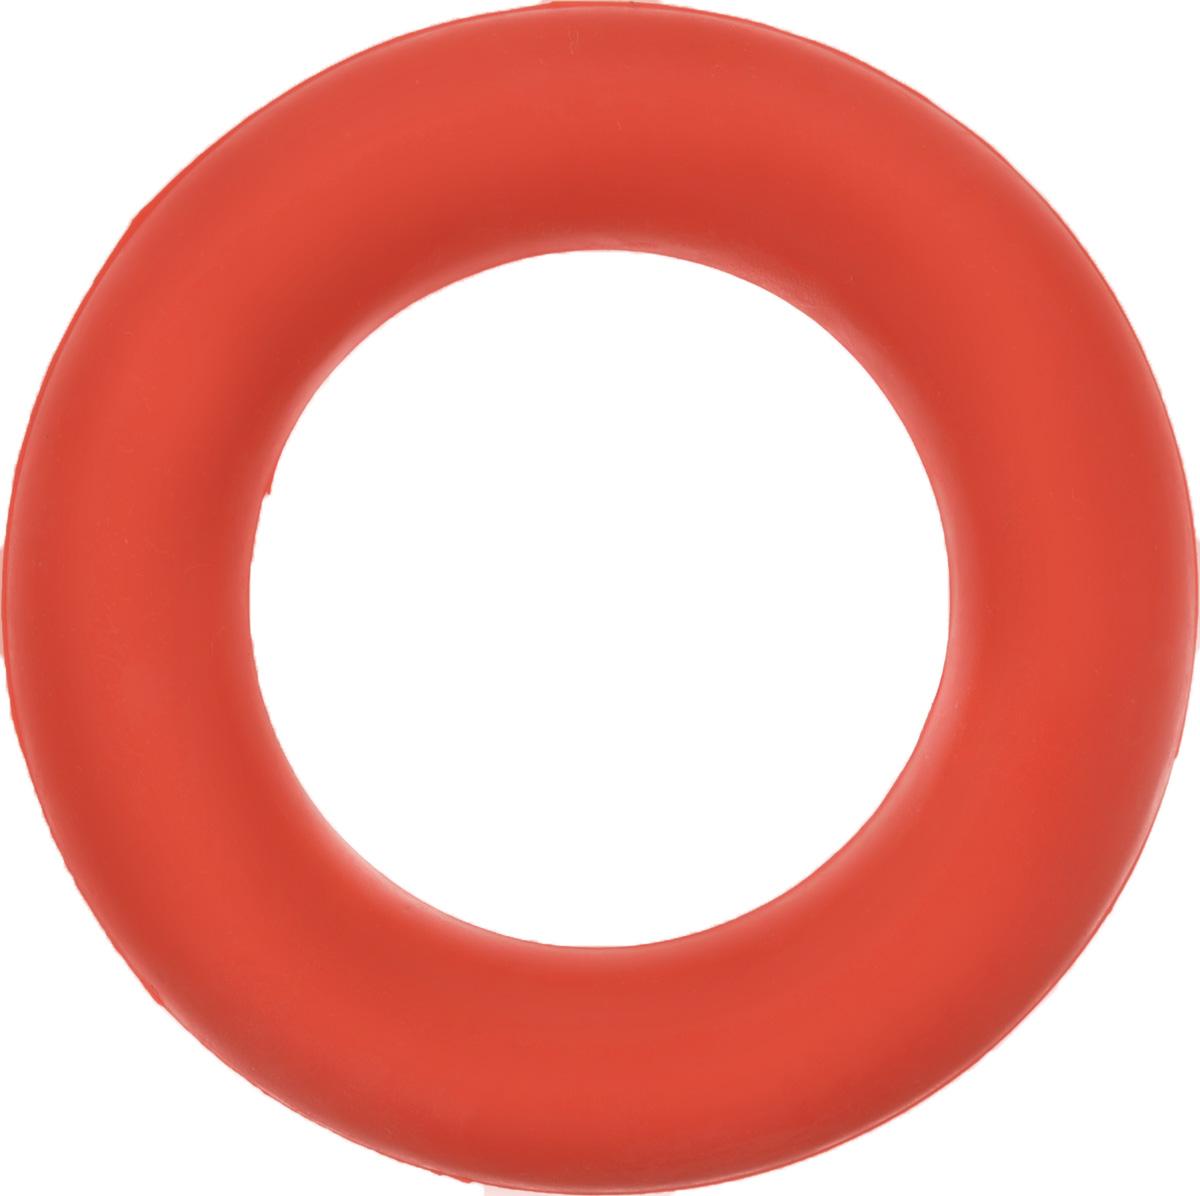 Игрушка для собак Каскад Кольцо, цвет: коралловый, диаметр 9 см игрушка для животных каскад мячик пробковый диаметр 3 5 см